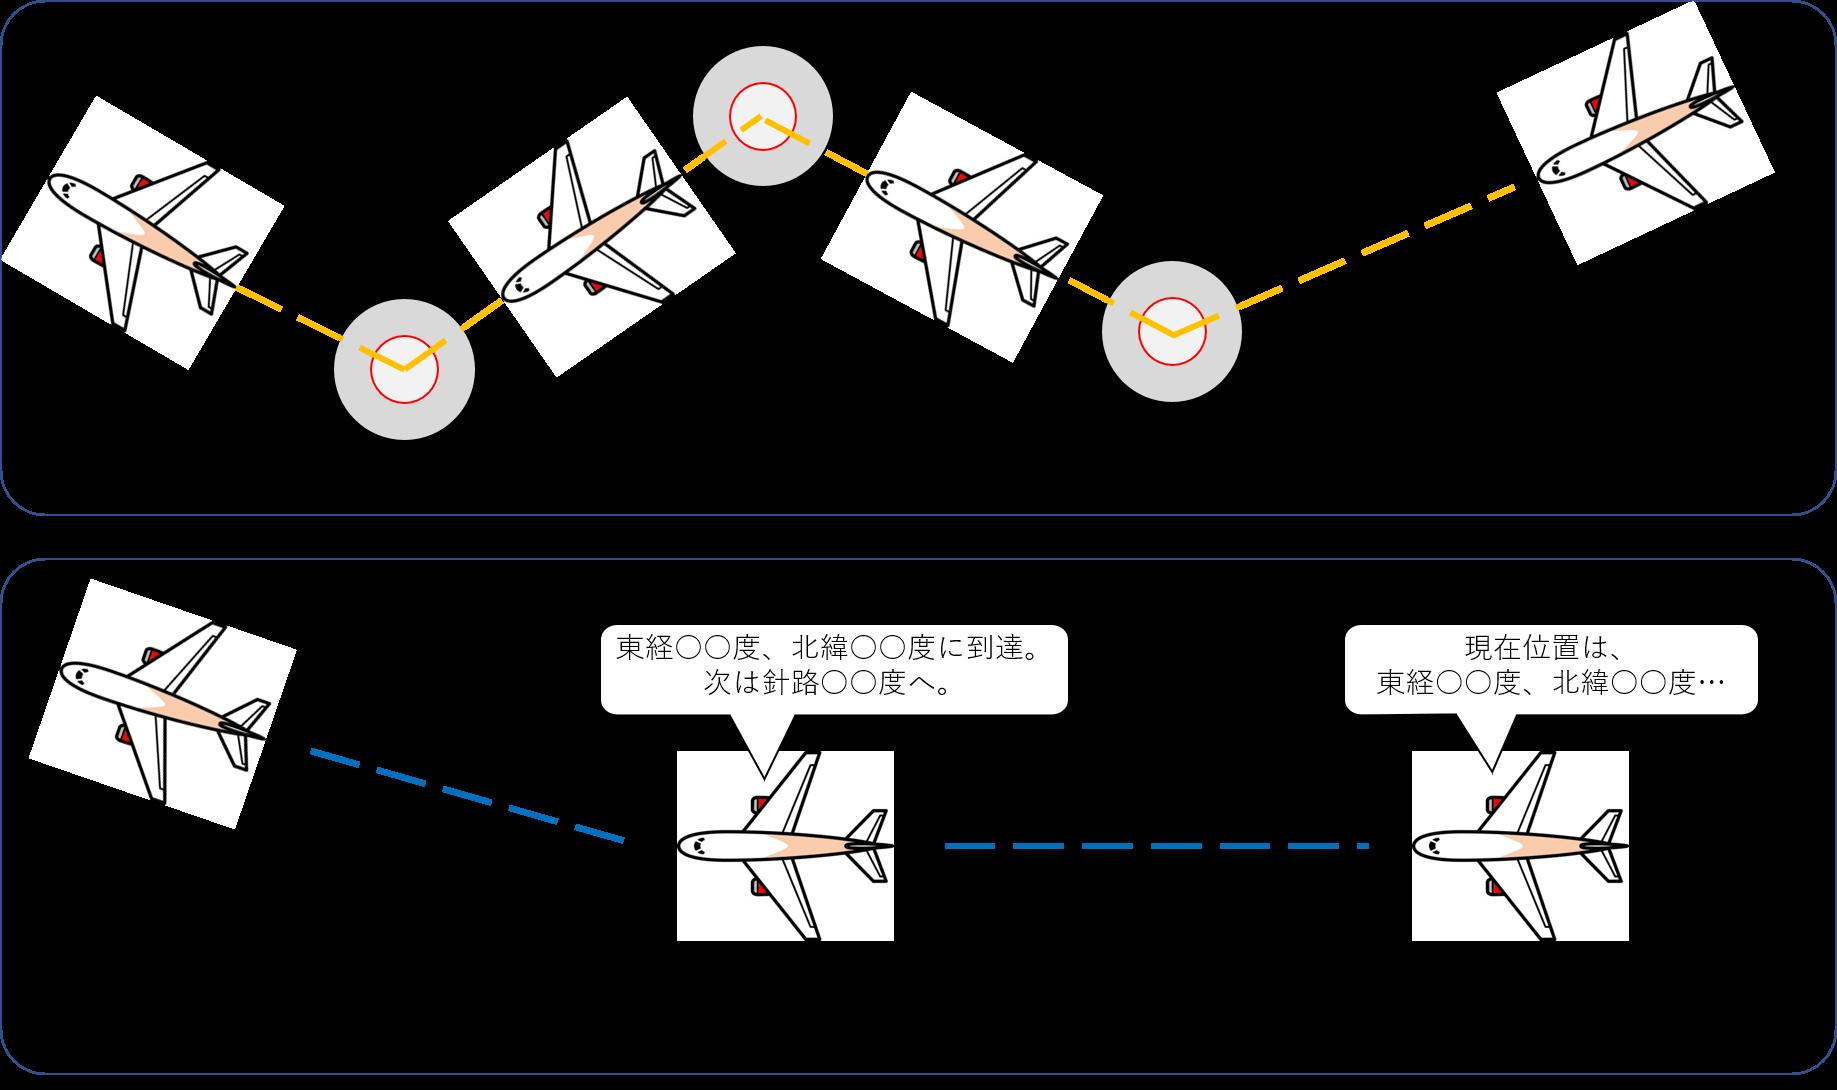 従来航法と次世代航法の比較イメージ